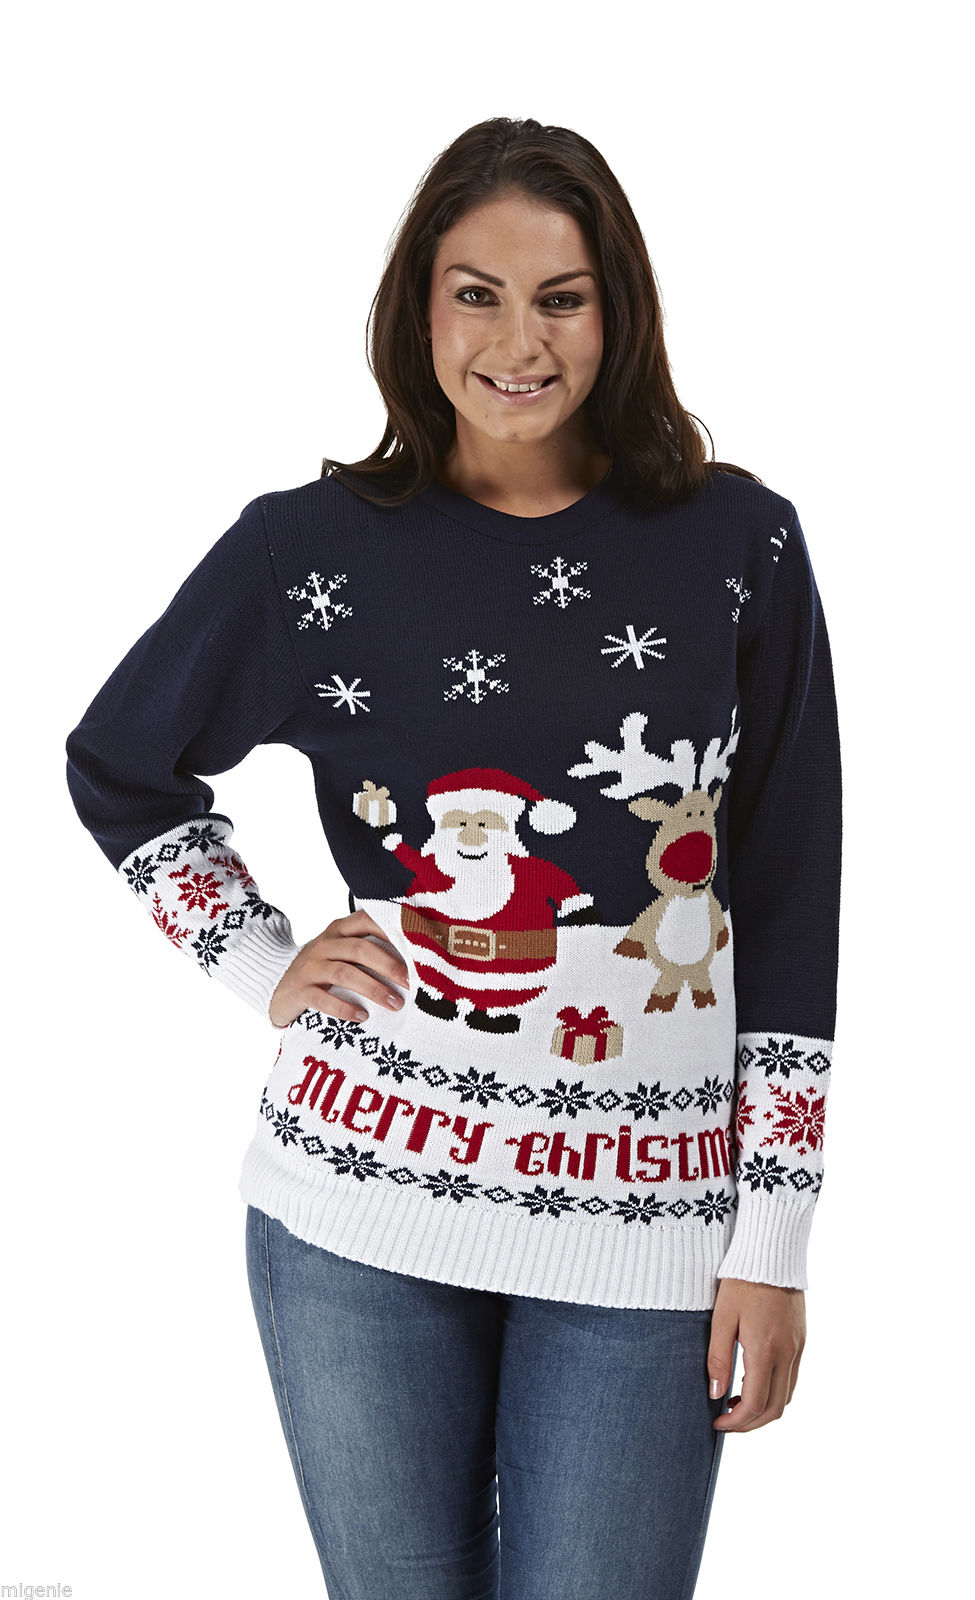 Kersttrui Dames Zwart.Kersttrui Voor Dames Koop Hier Je Kersttrui Of Een Leuke Tuniek